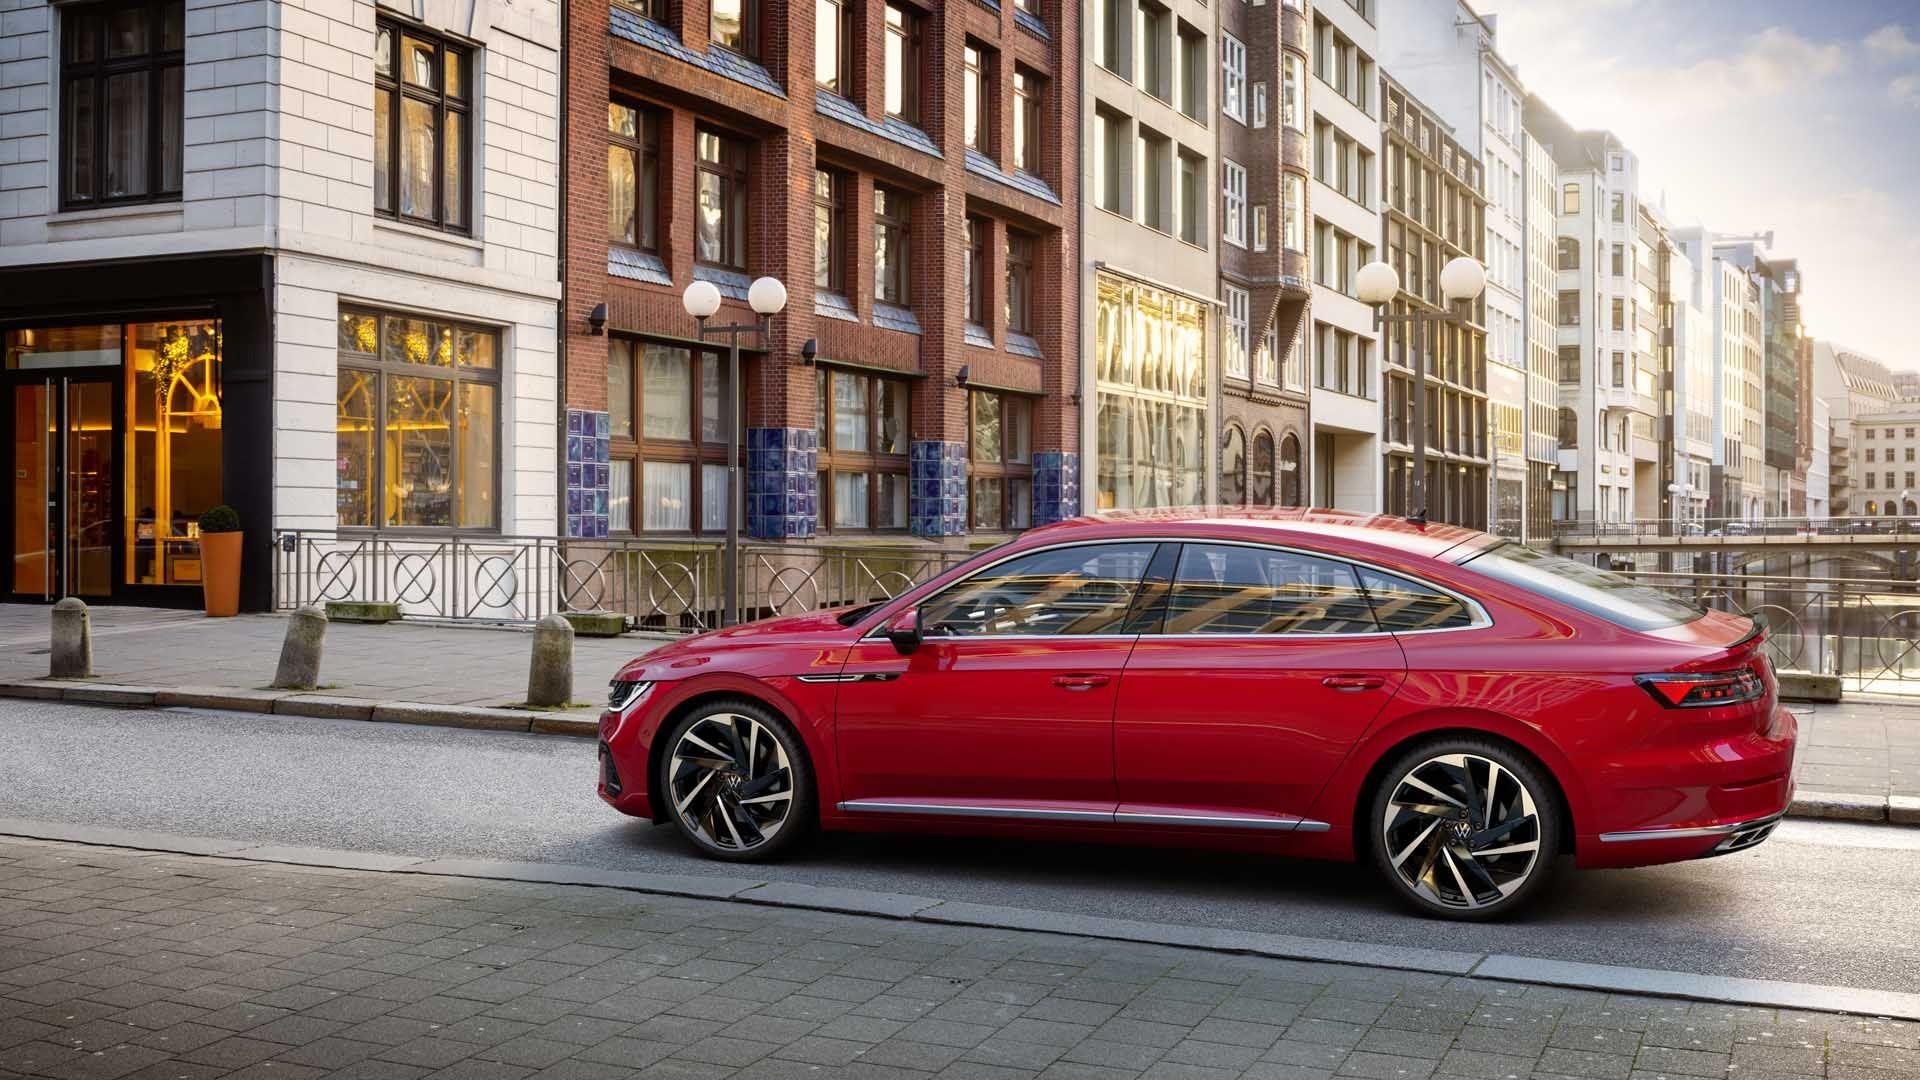 2021 Volkswagen Arteon Revealed New Tech New Face No Shooting Brake For Us Volkswagen Passat Volkswagen Shooting Brake